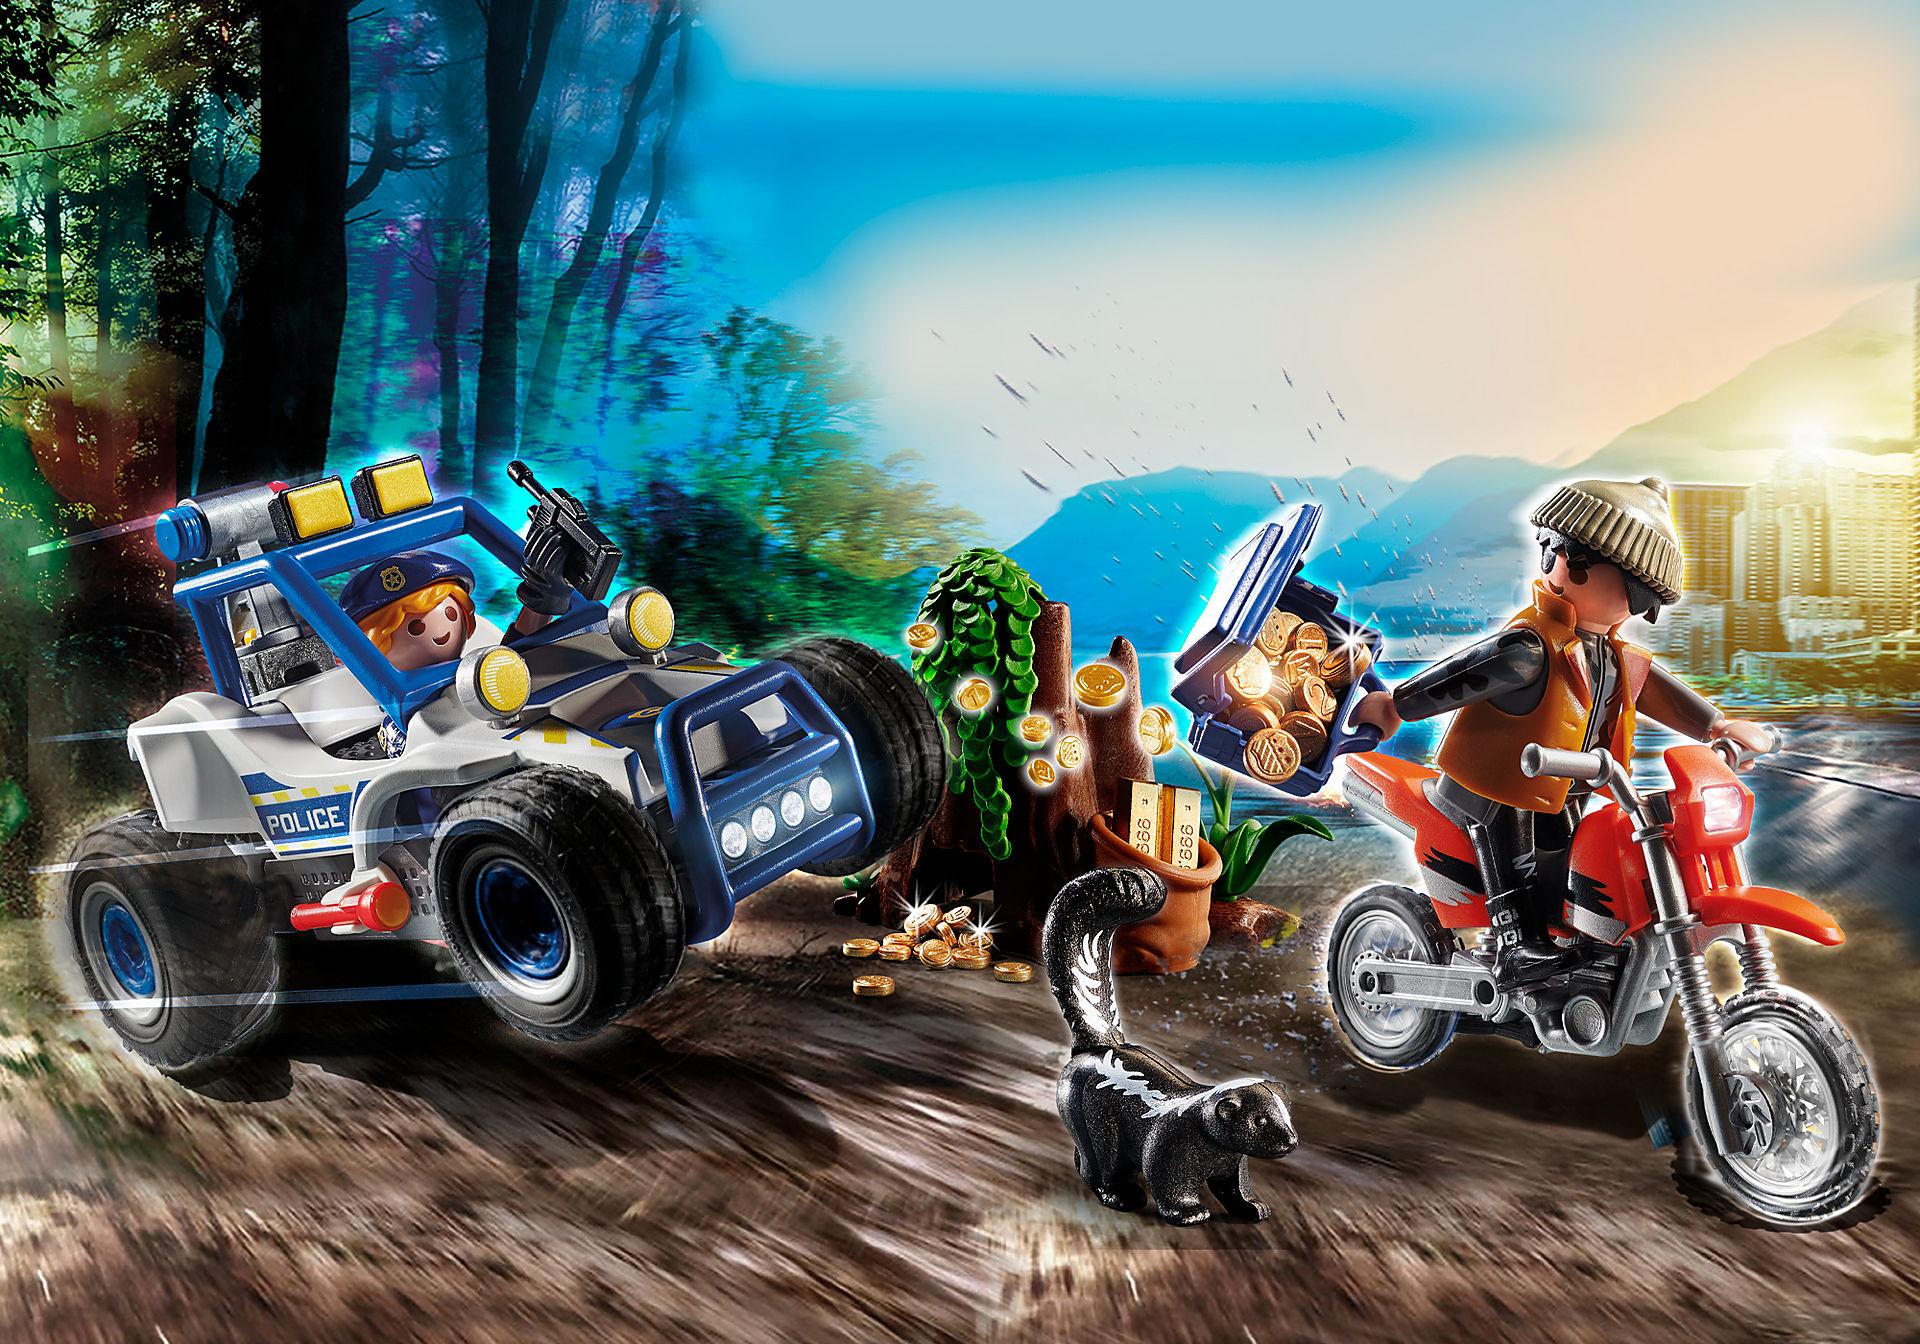 70570 Polisterrängbil: Jakten på skattjuven zoom image1